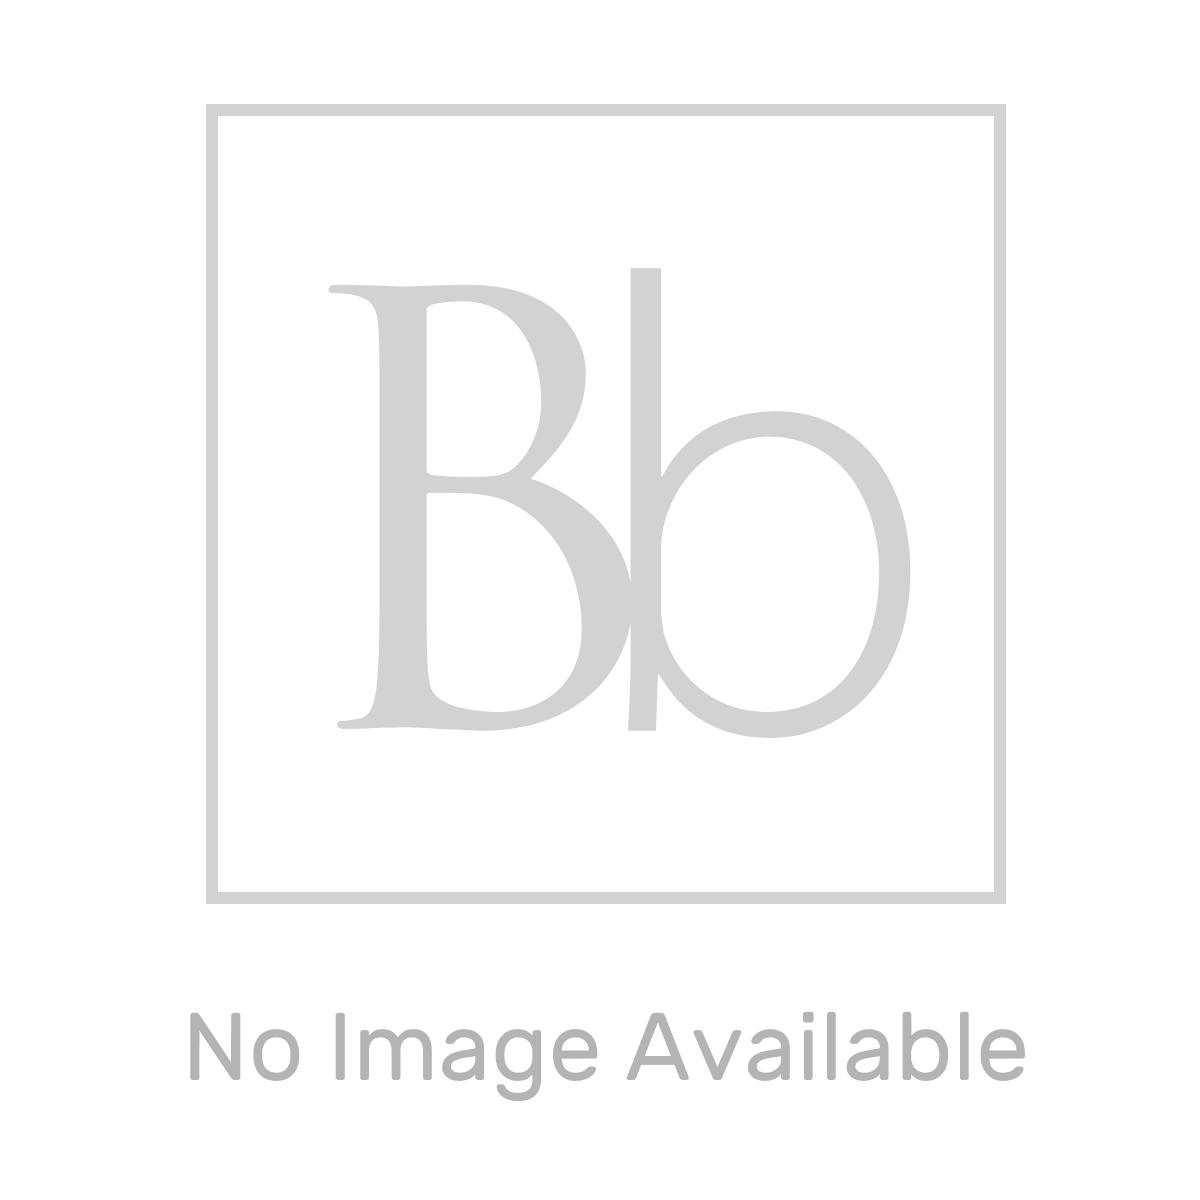 RAK Origin 62  Wall Hung WC Pan with Urea Soft Close Seat